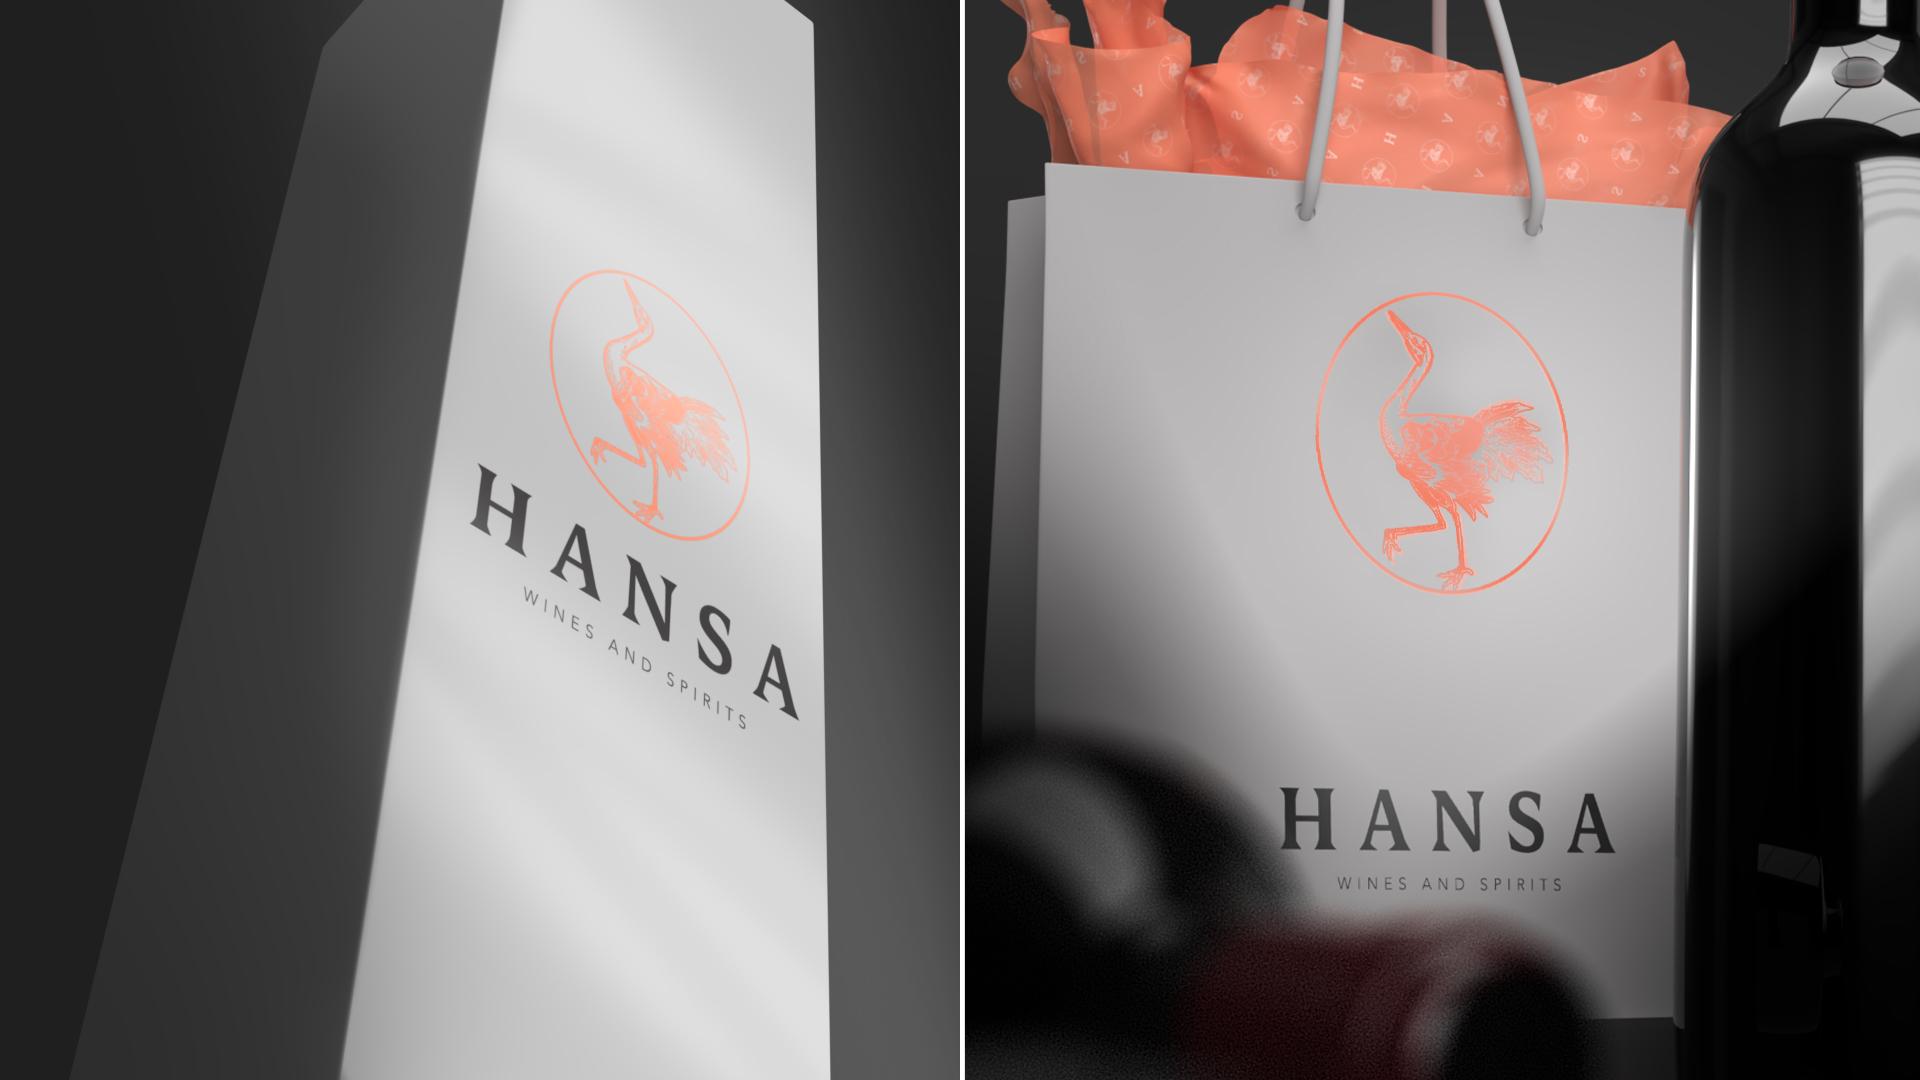 hansa shopping bags